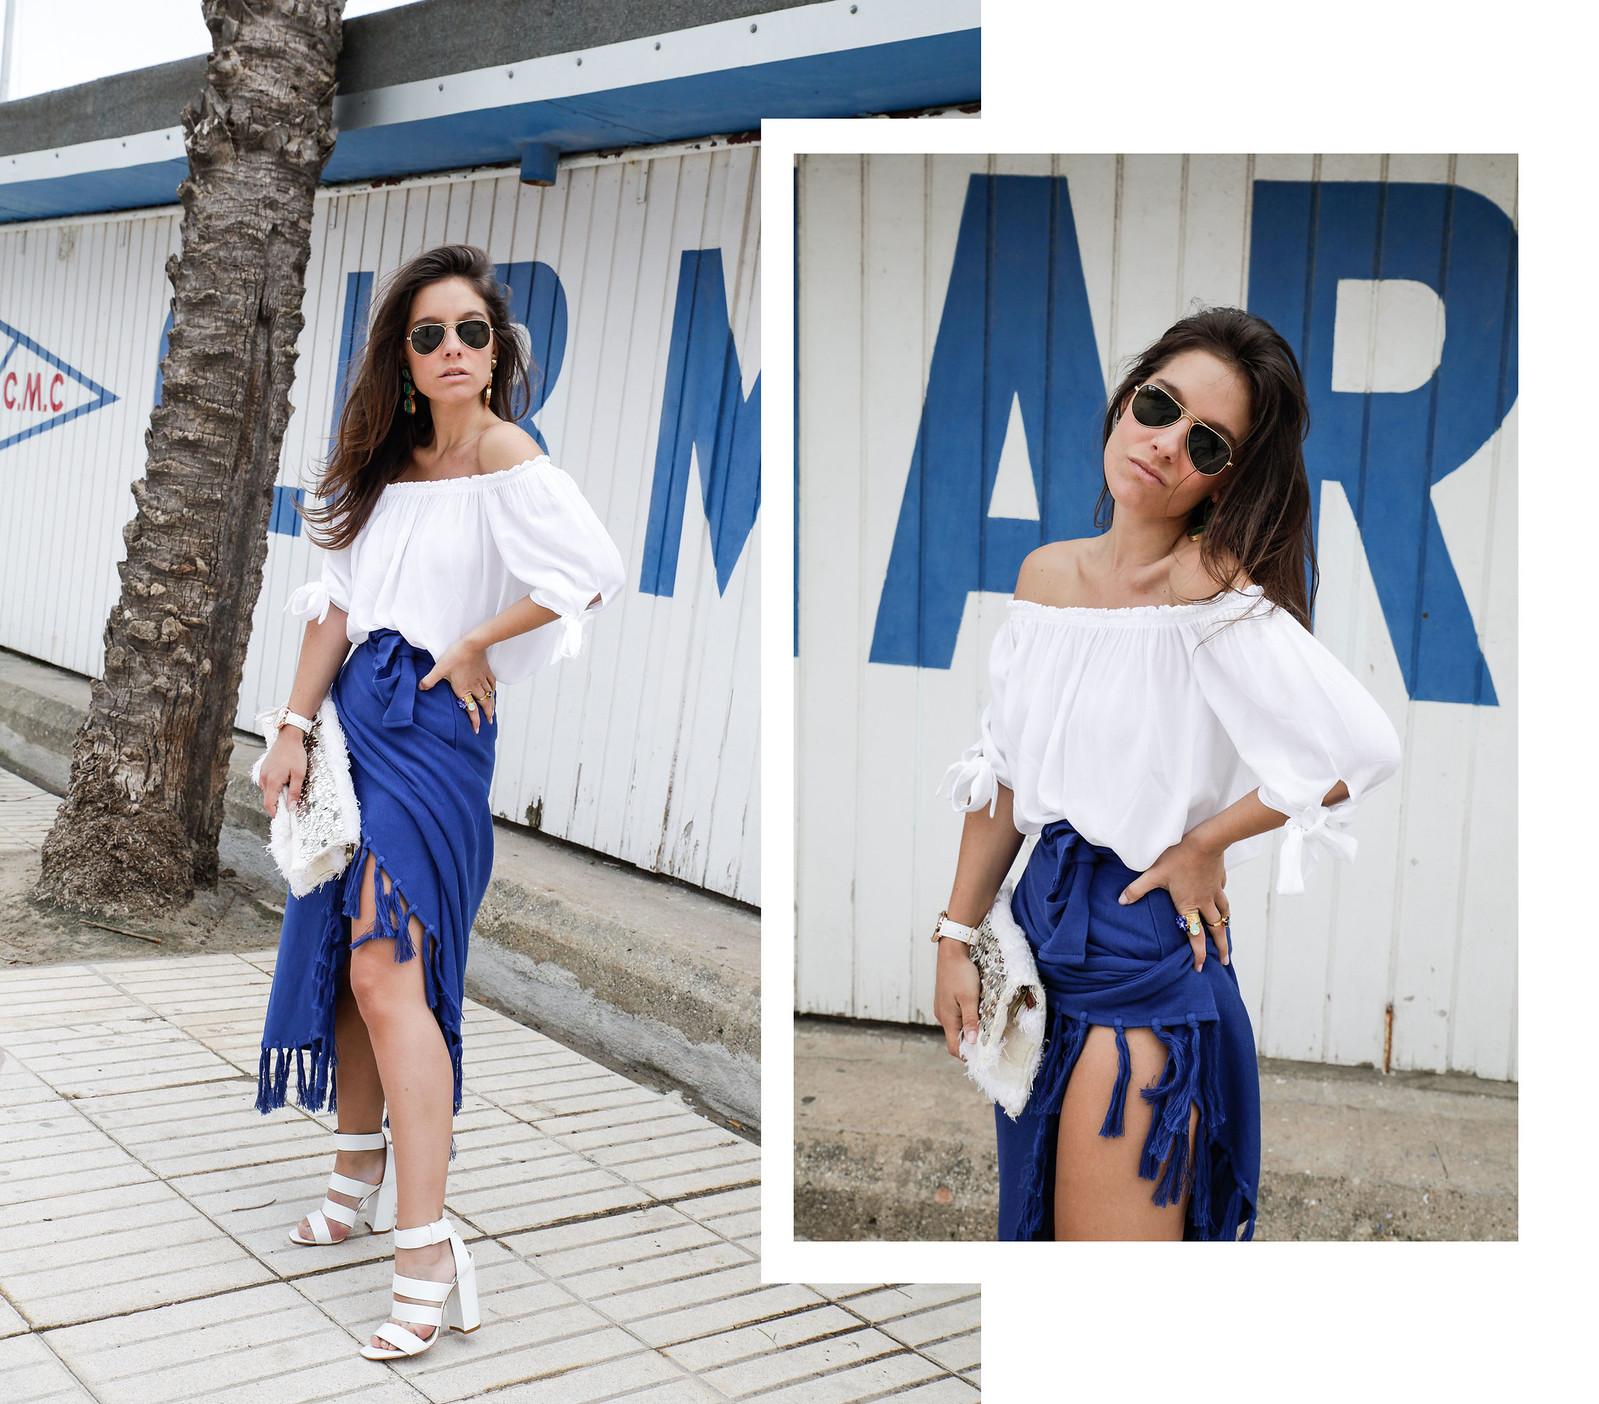 012_Falda_Azul_boho_look_marinero_theguestgirl_influencer_barcelona_marca_portugal_ruga